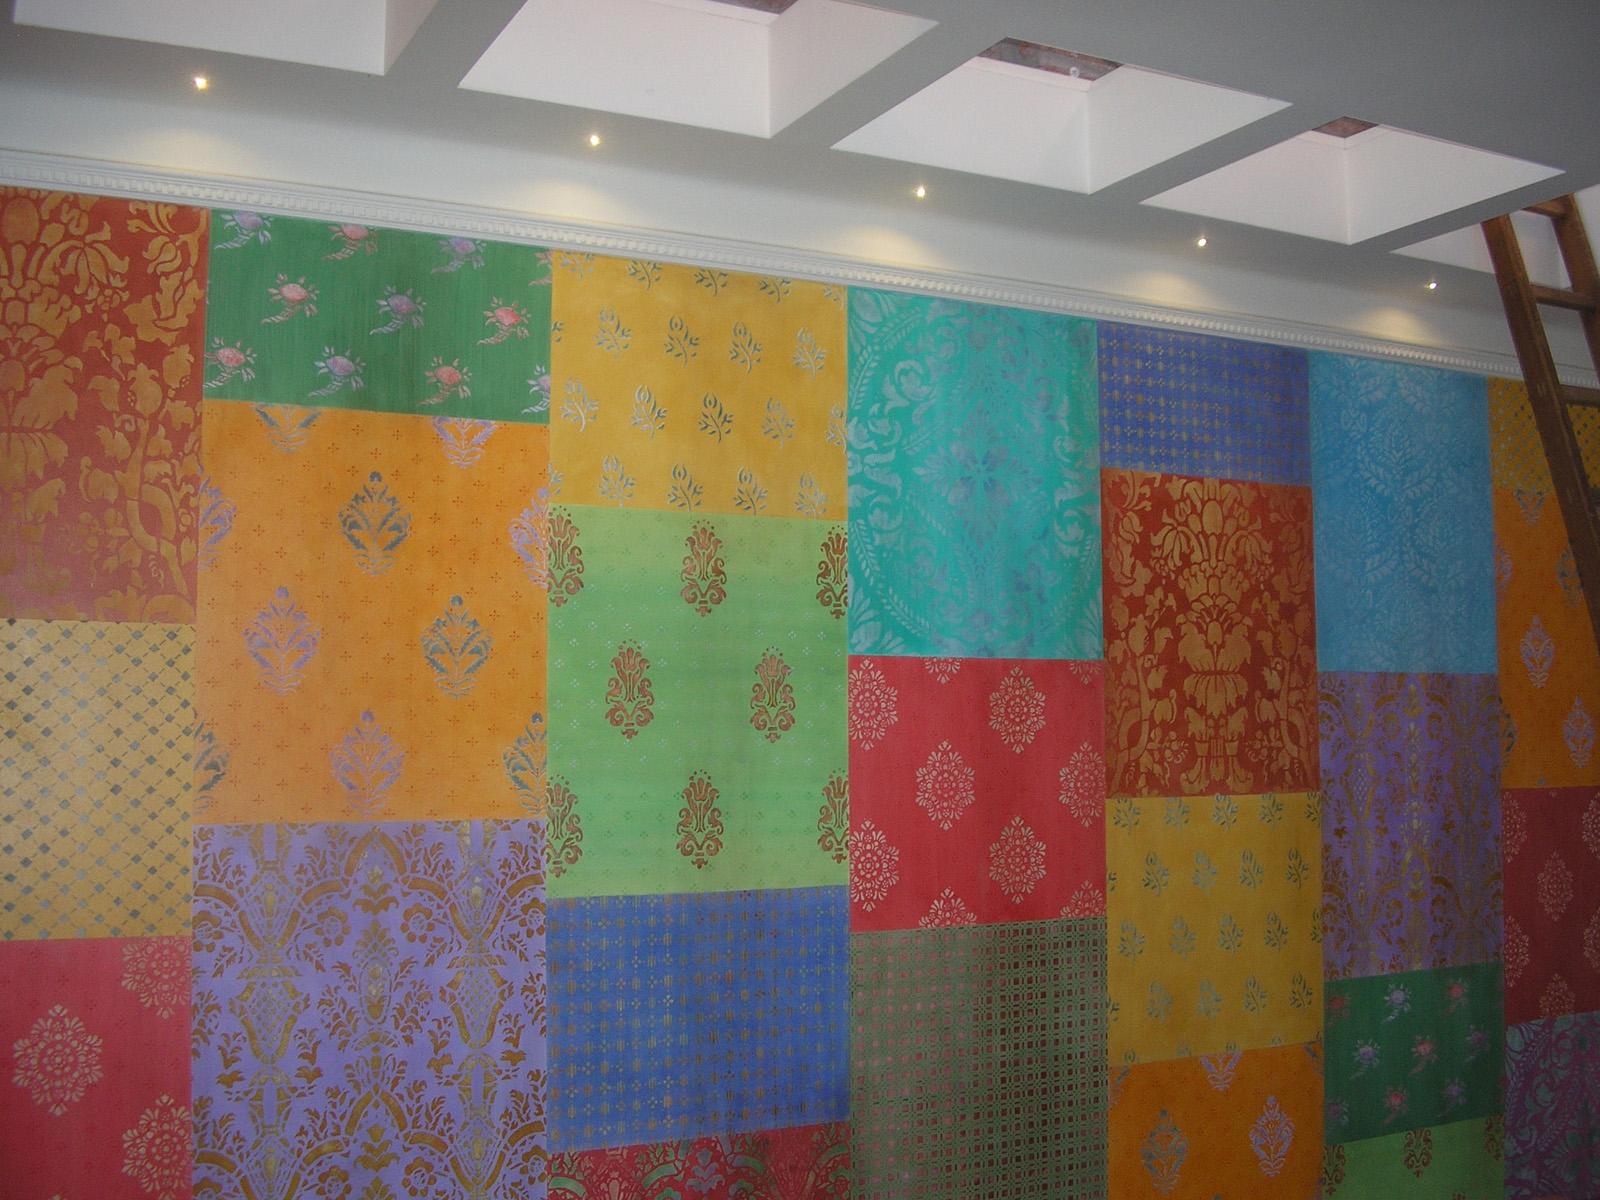 Patchwork di damascati dipinti su muro, abitazione privata, Monza e Brianza